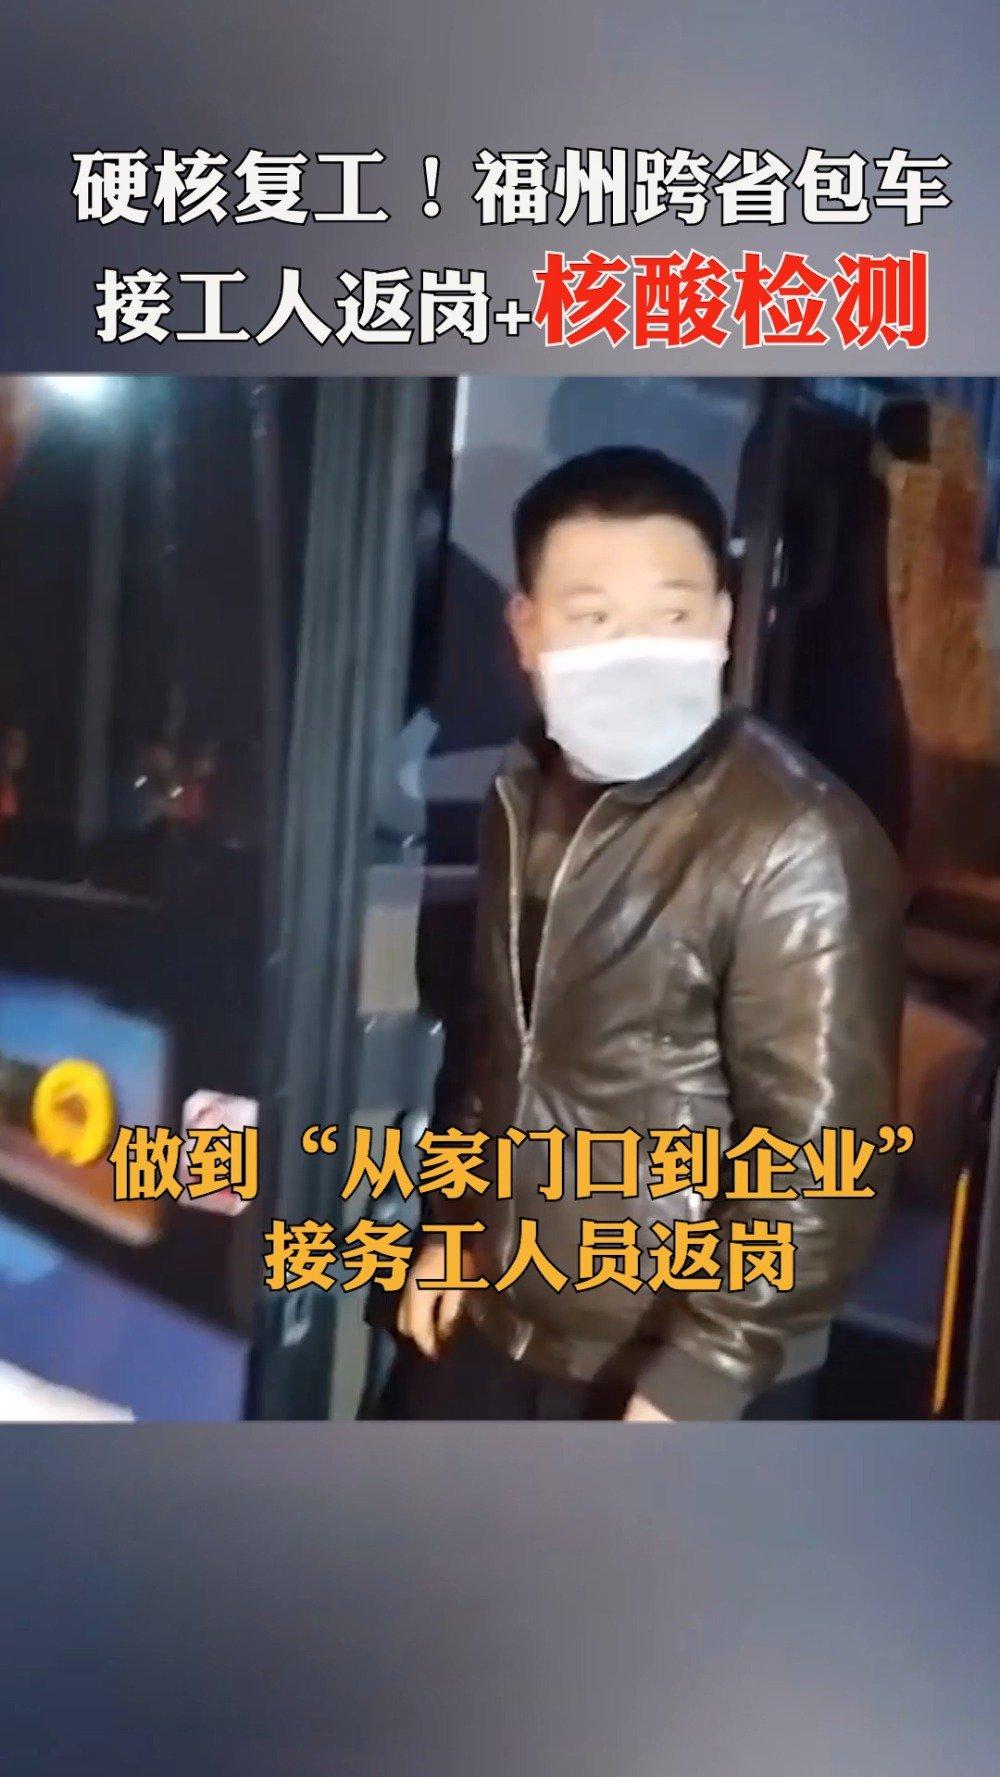 硬核复工!福州跨省包车接工人返岗+核酸检测